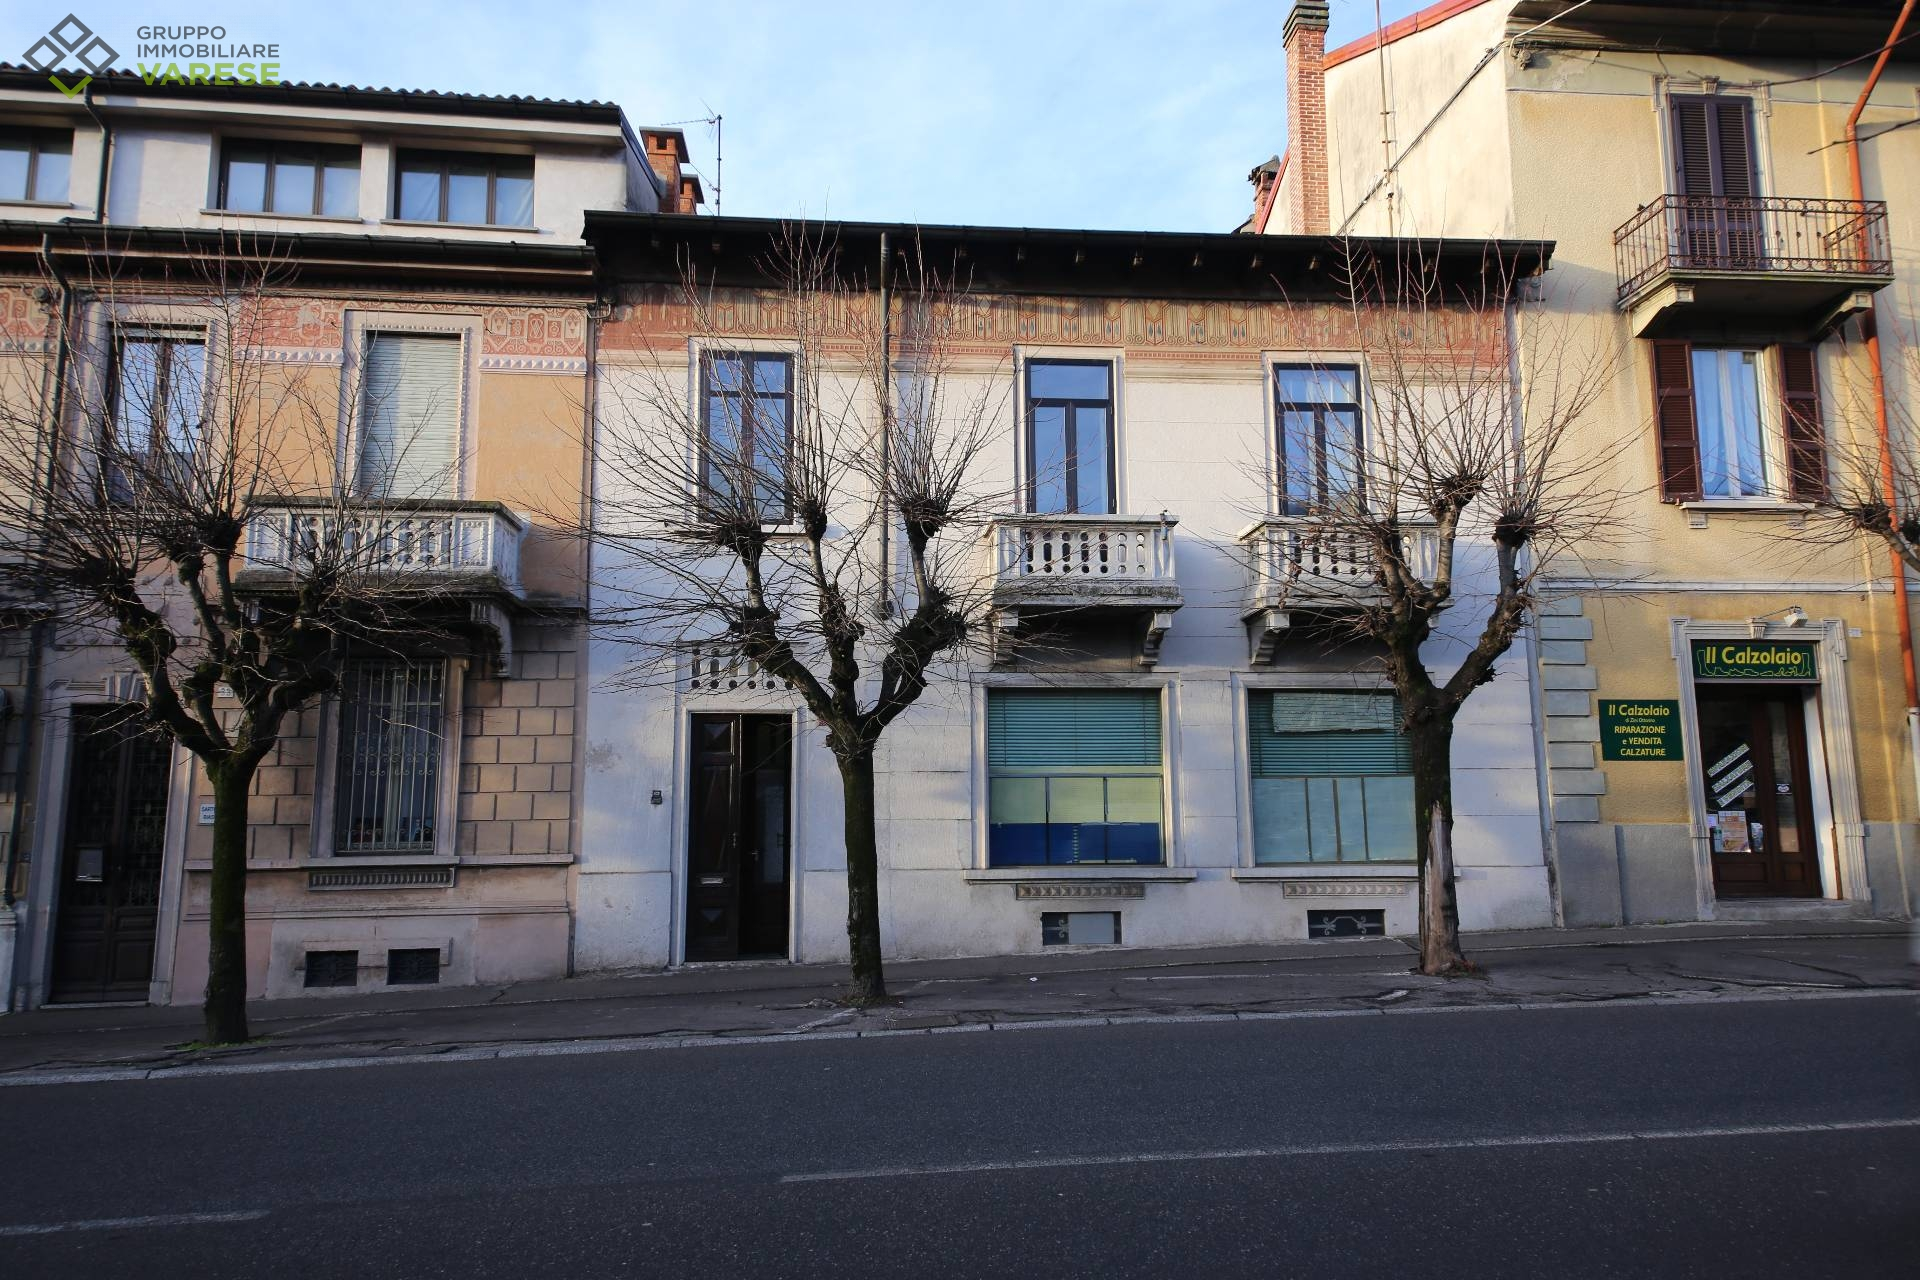 Appartamento in vendita a Gavirate, 3 locali, prezzo € 110.000 | CambioCasa.it